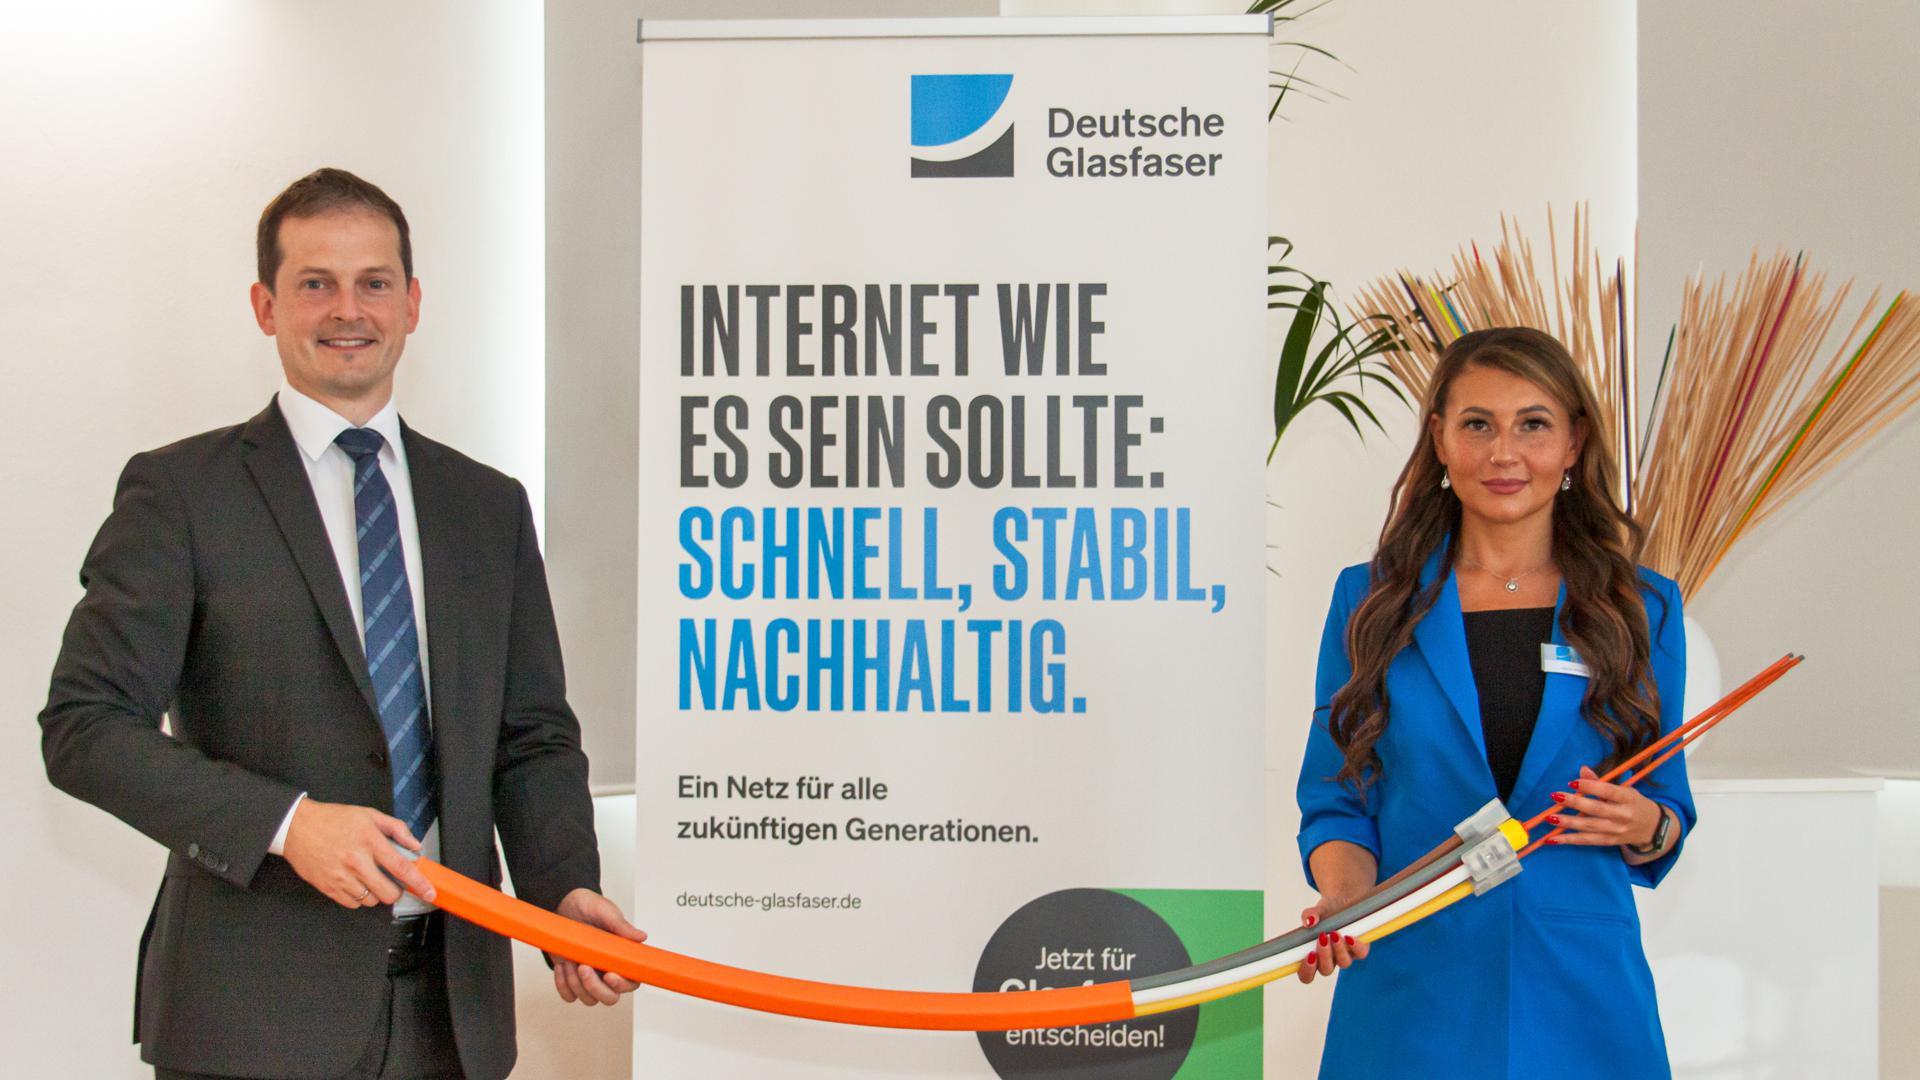 Willstätts Bürgermeister Christian Huber setzt in Sachen schnelles Internet jetzt auf den privatwirtschaftlichen Anbieter Deutsche Glasfaser. Am Montag stellte Marina Wilberger das Konzept des Unternehmens in Willstätt vor.